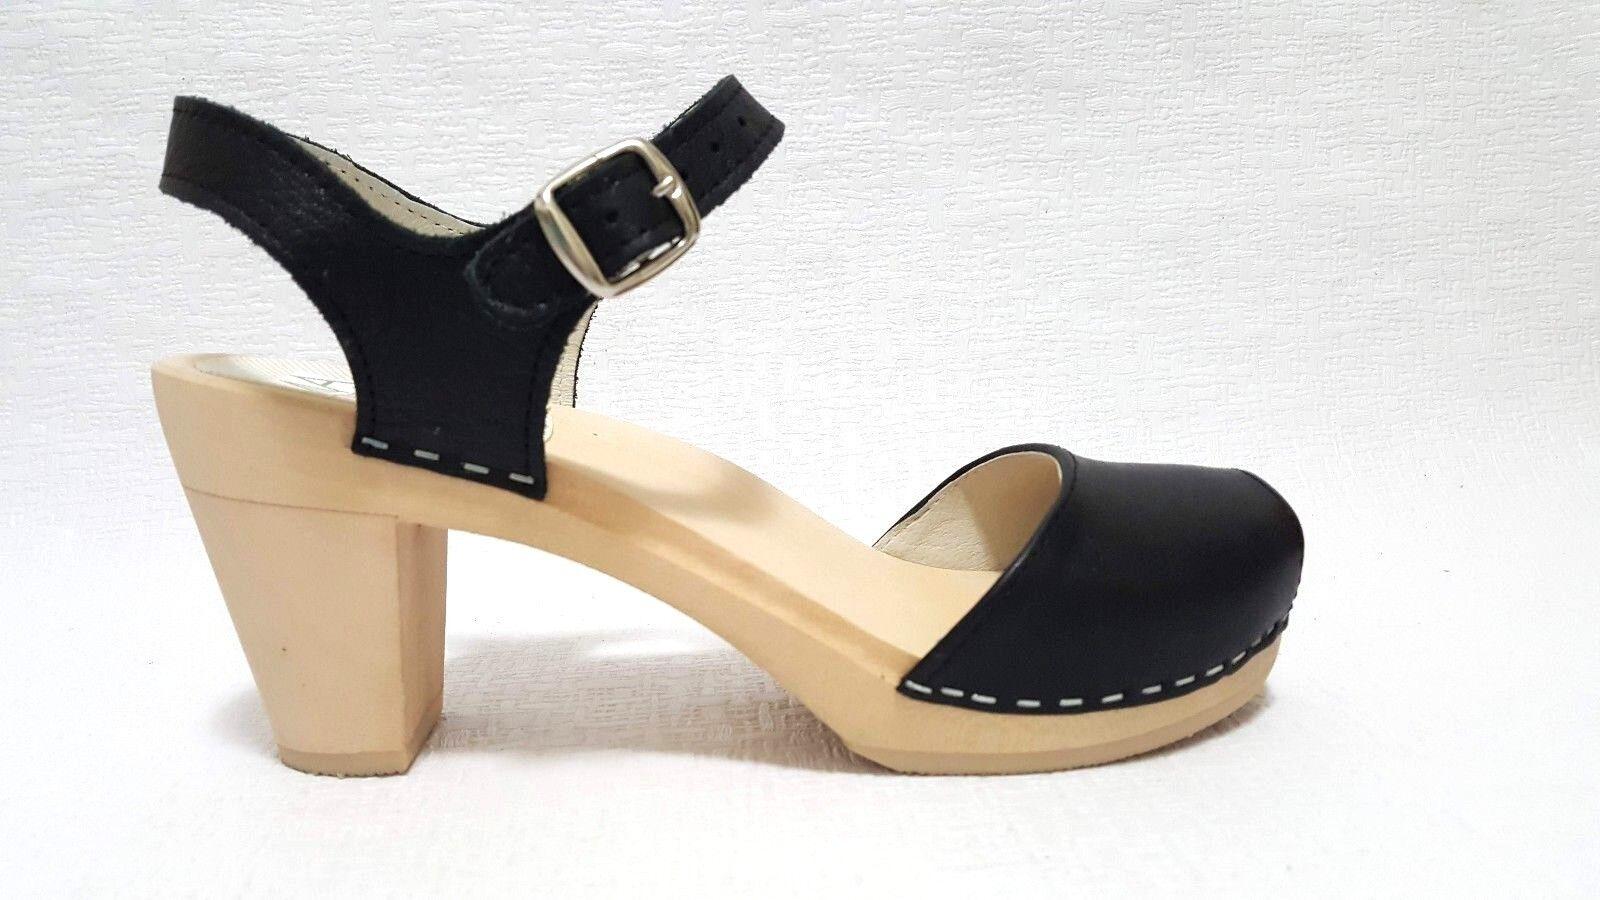 MAGUBA of SWEDEN Bologna WOMEN'S CLOGS WOODEN SANDALS Schuhe BLACK Größe 38